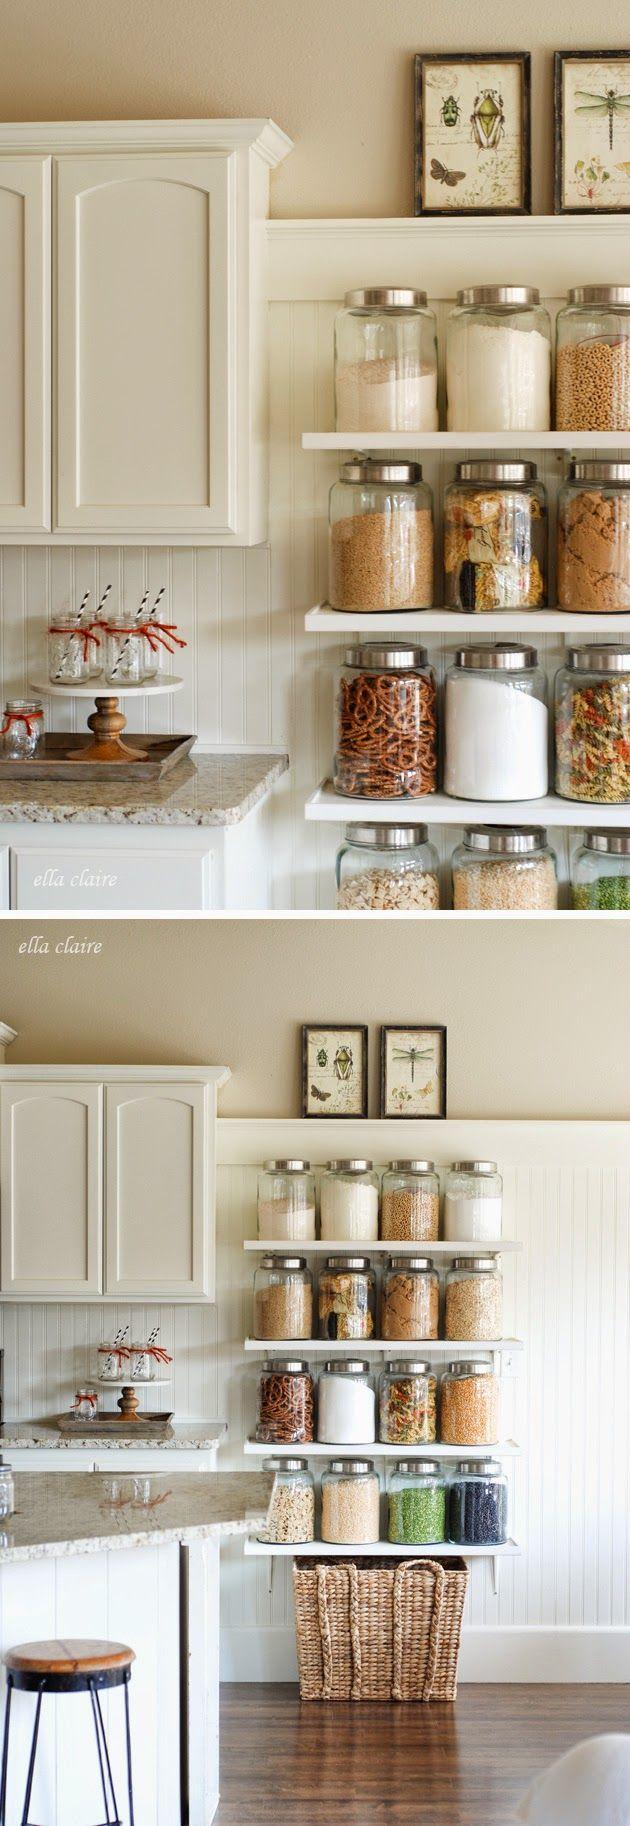 diykitchen decor diy kitchen ideas DIY Country Store Kitchen Shelves